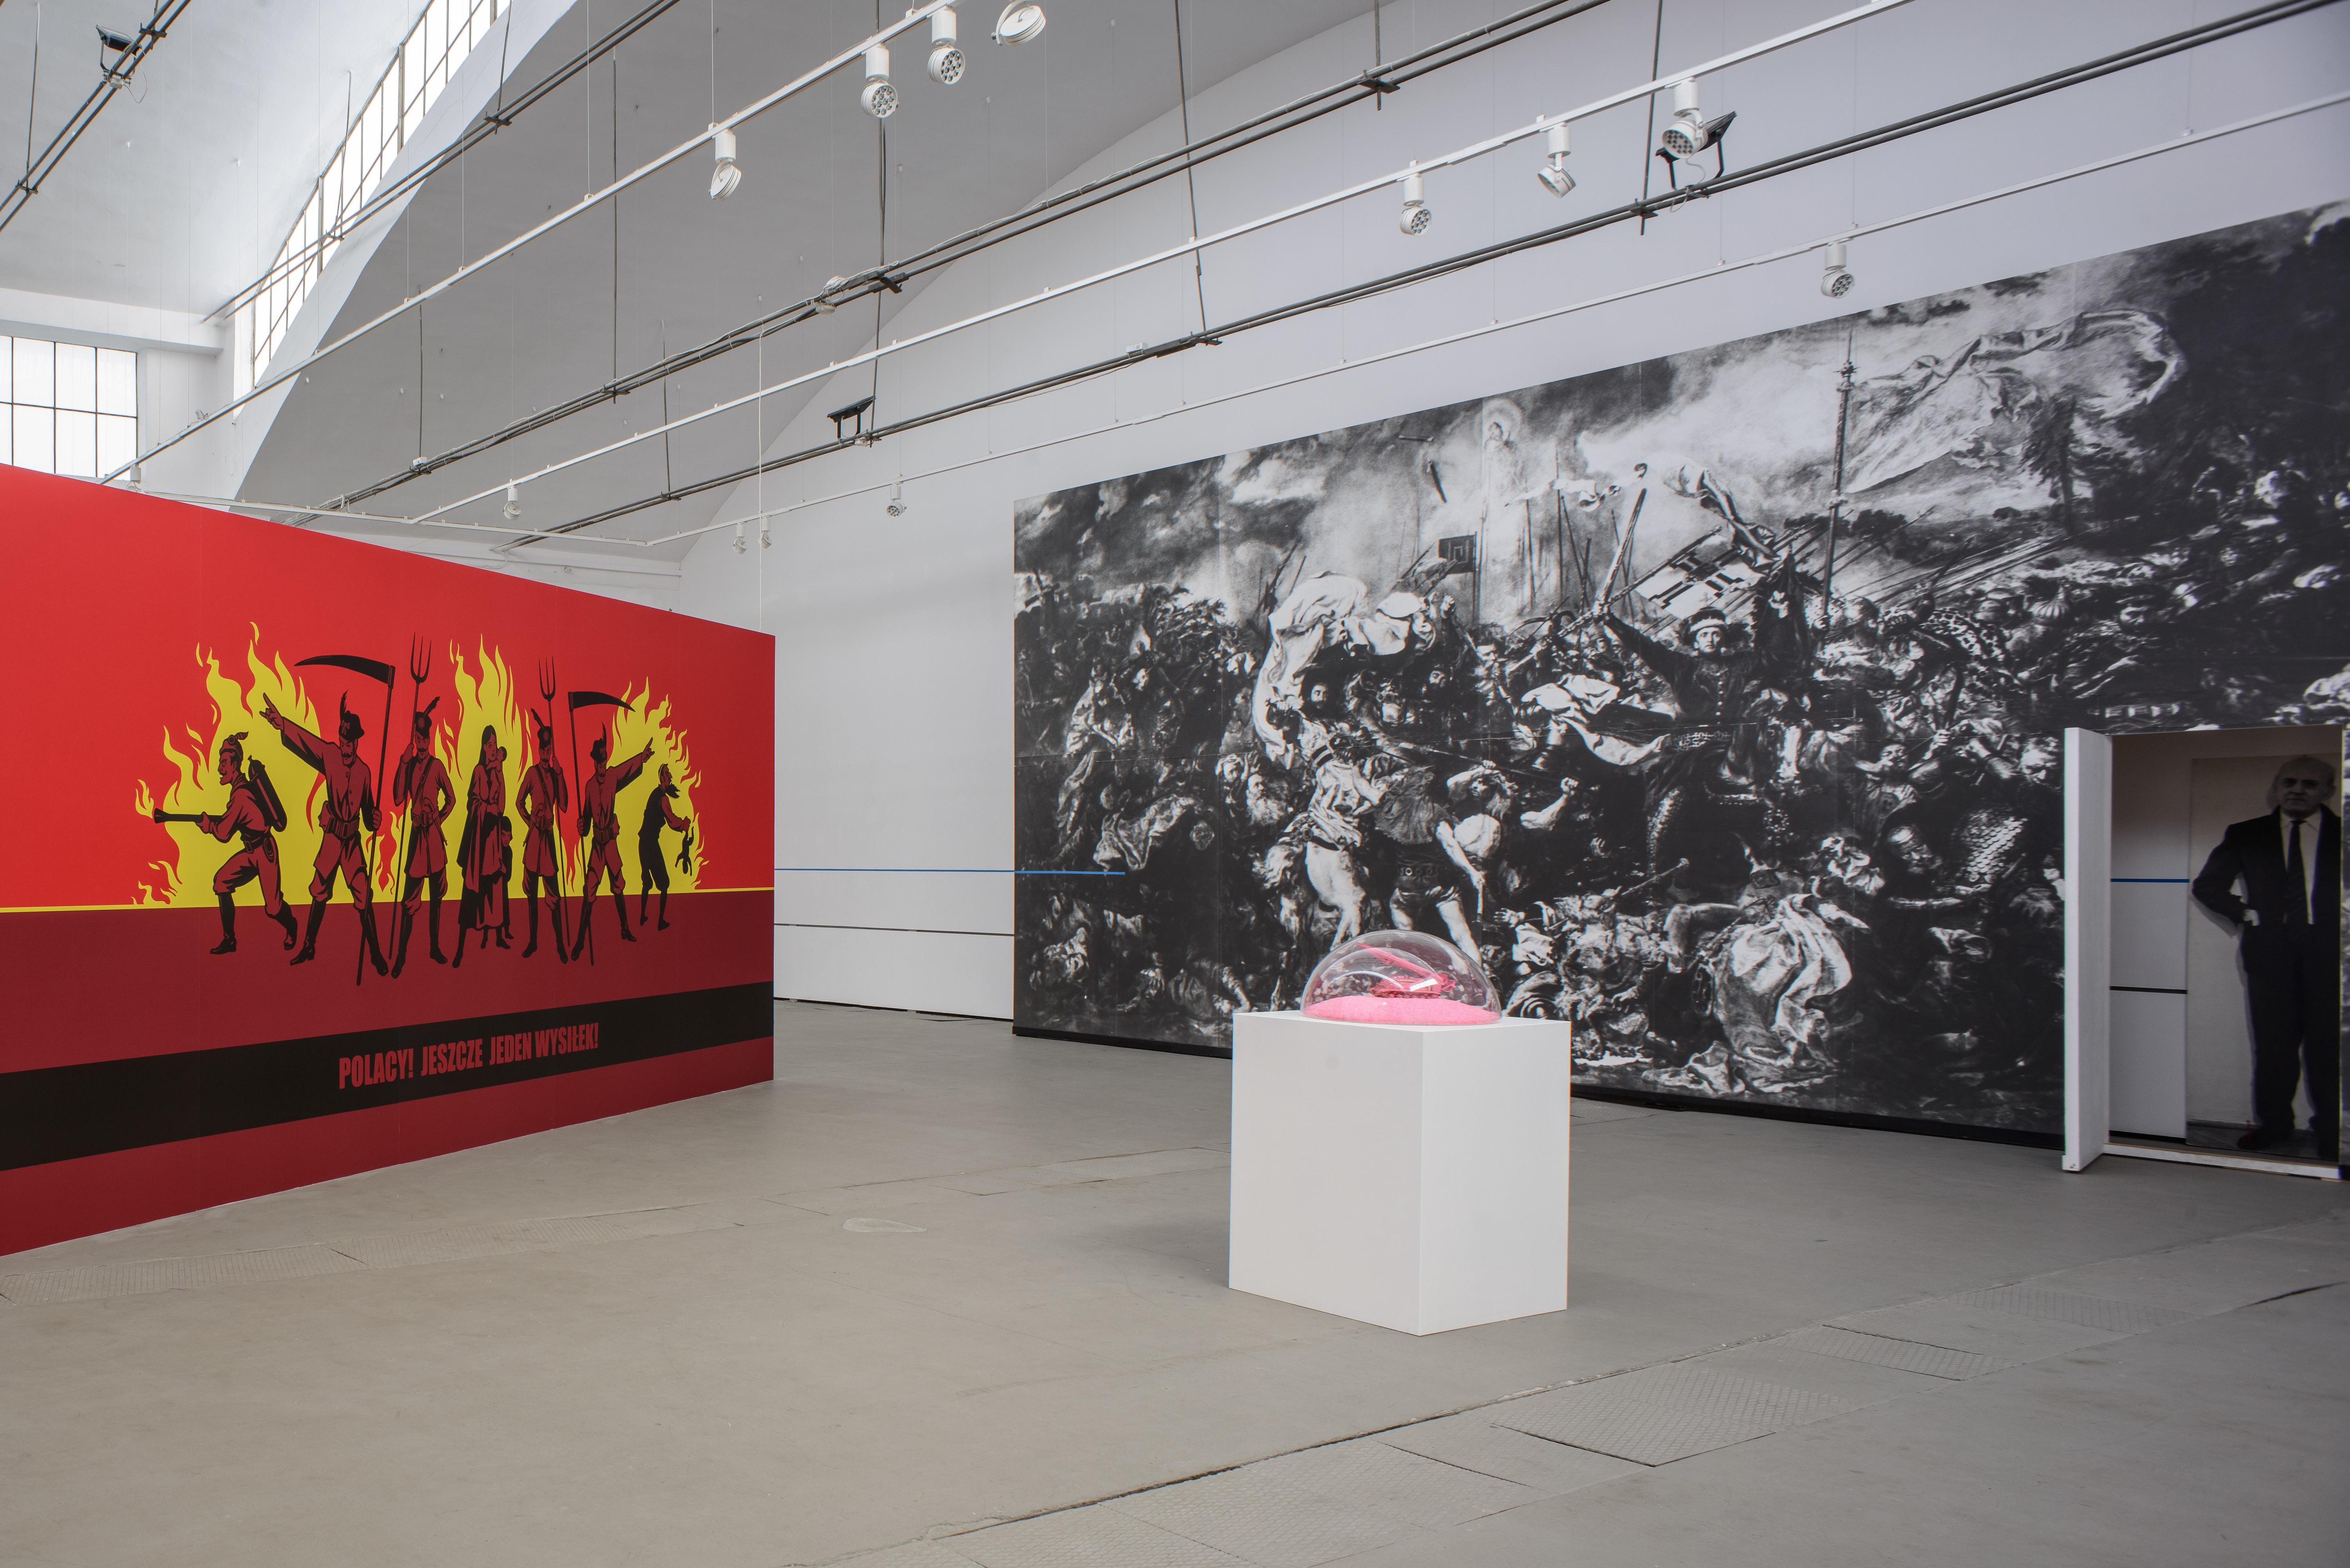 d lewej: Tomasz Kozak, Polacy! Jeszcze jeden wysiłek!, 2004; Edward Krasiński, Bitwa podGrunwaldem, 1997; Maurycy Gomulicki, PINK SCUD (Phallus necroicus) Barbie Holocaust (Pink Victory II), 2015